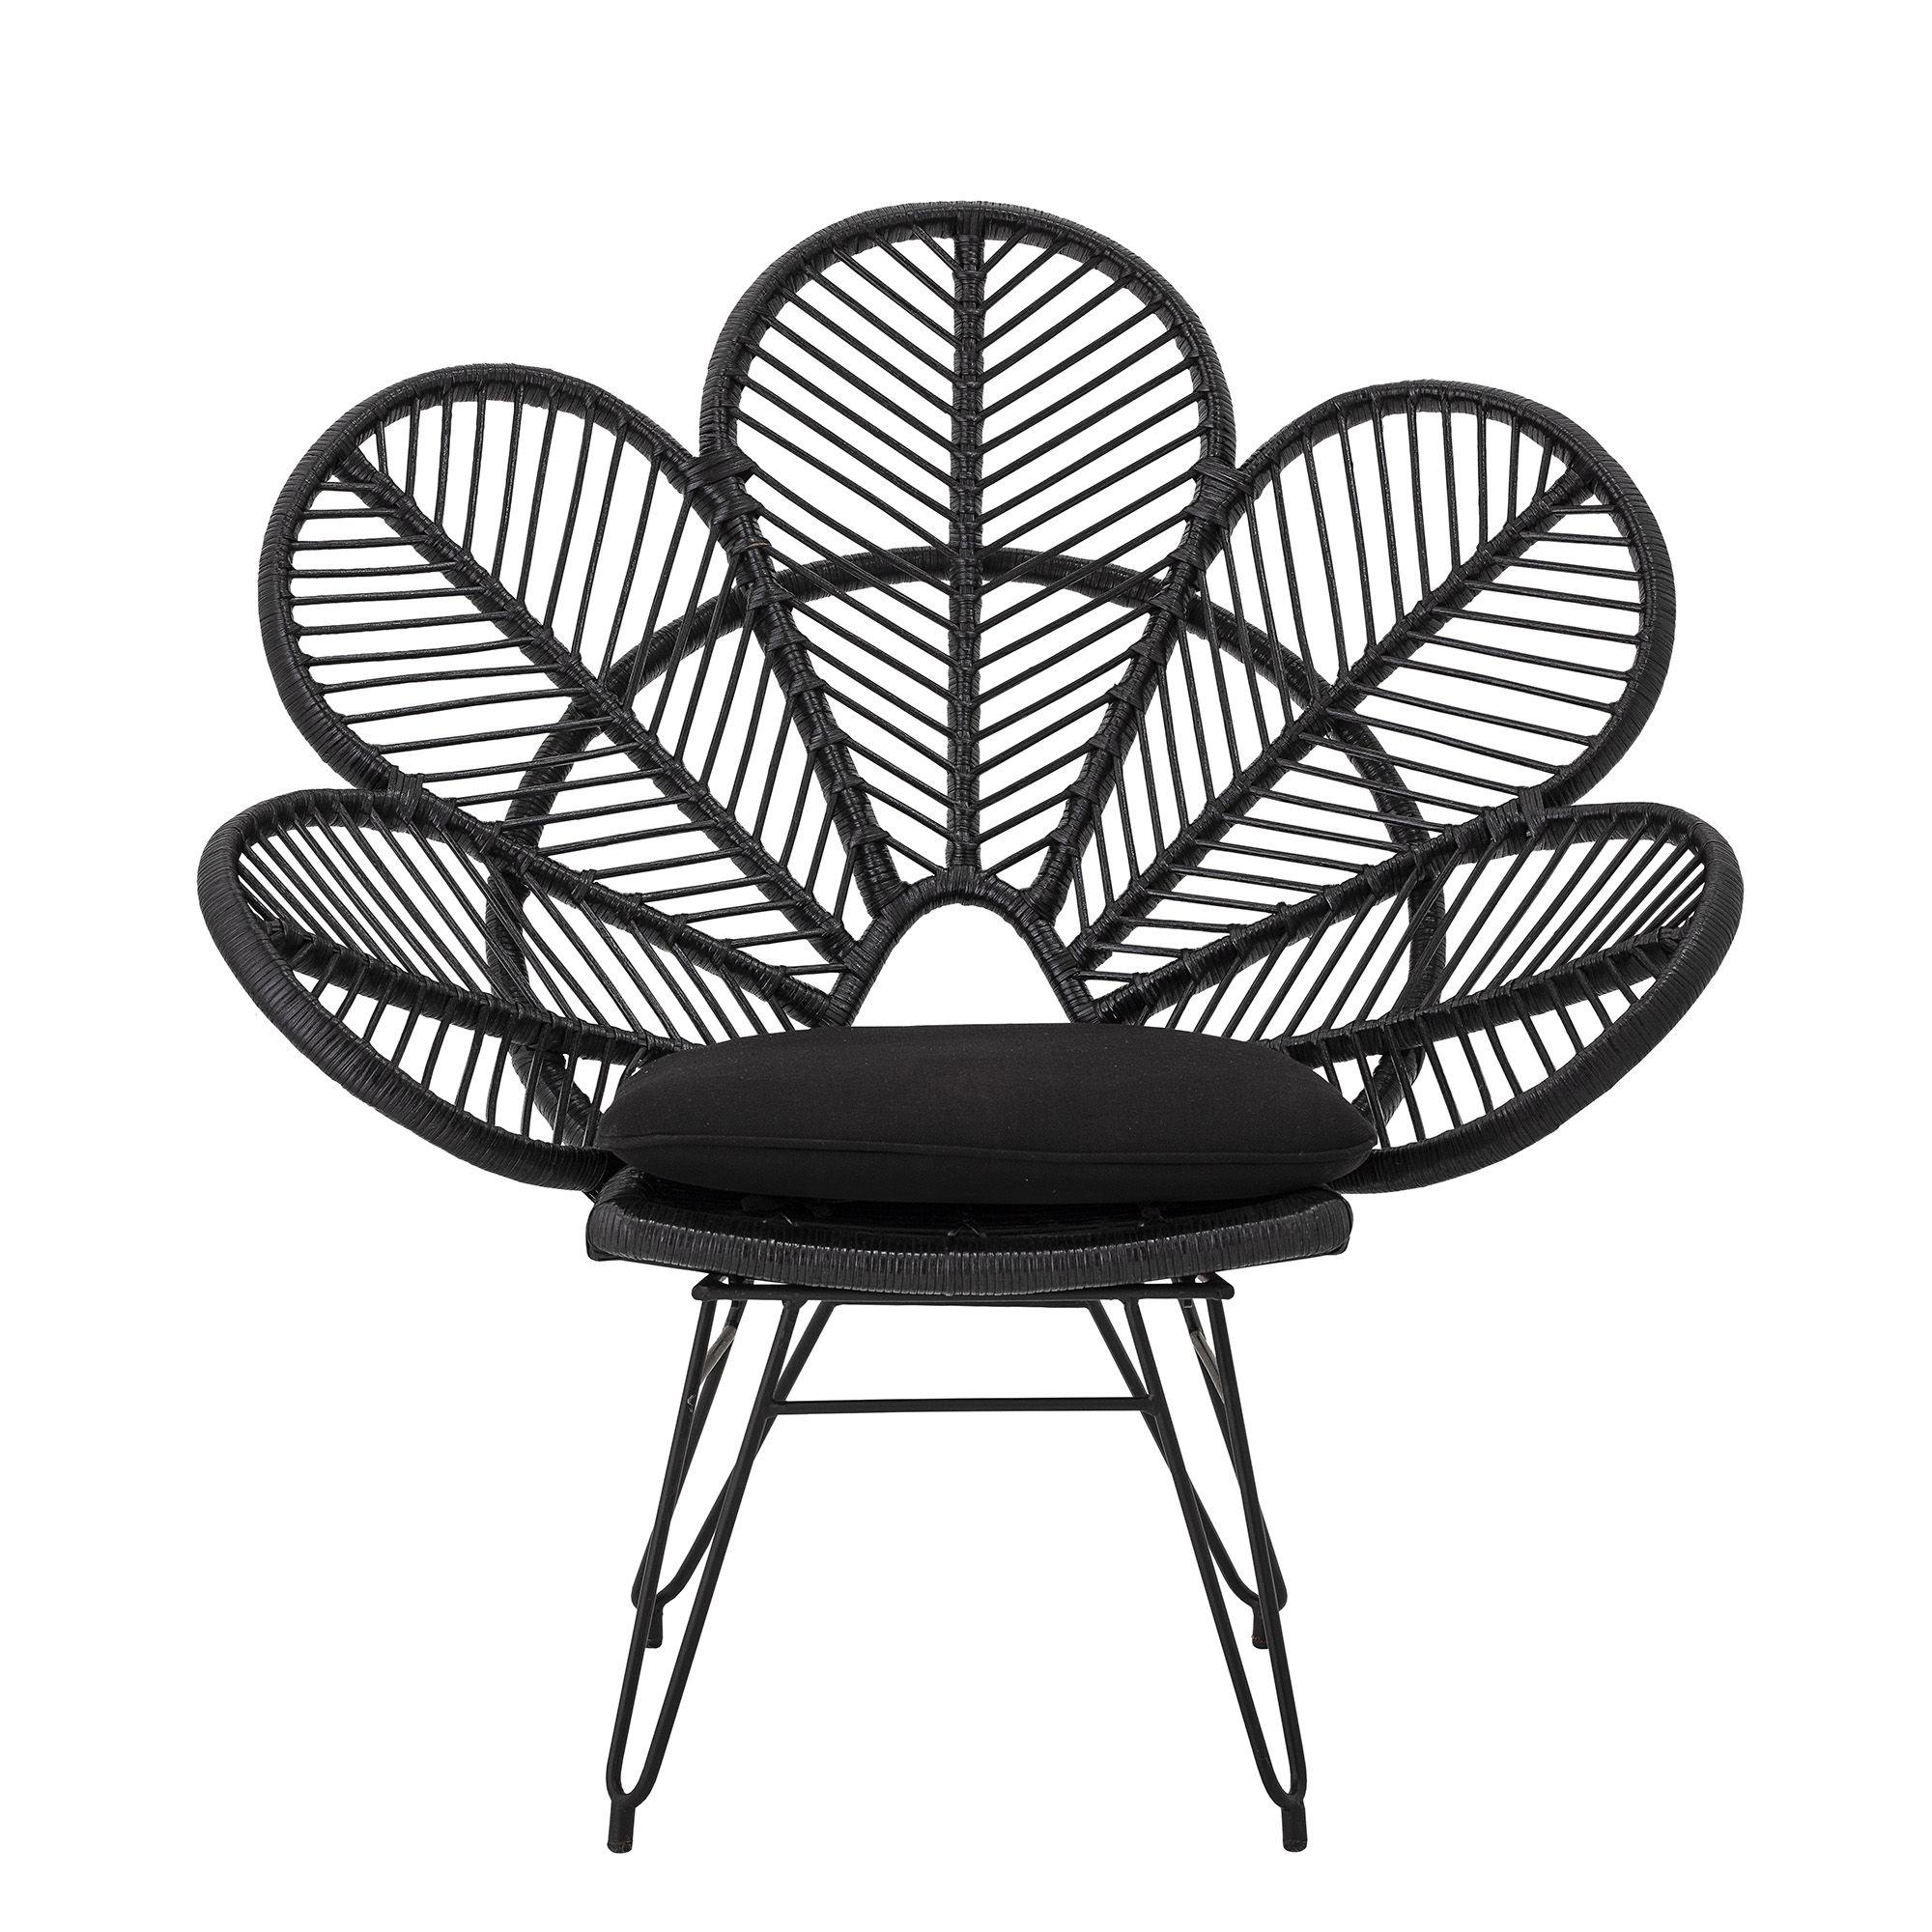 Arredamento - Poltrone design  - Poltrona Shana - / Rattan - con cuscino di seduta di Bloomingville - Nero - metallo verniciato, Midollino, Tessuto